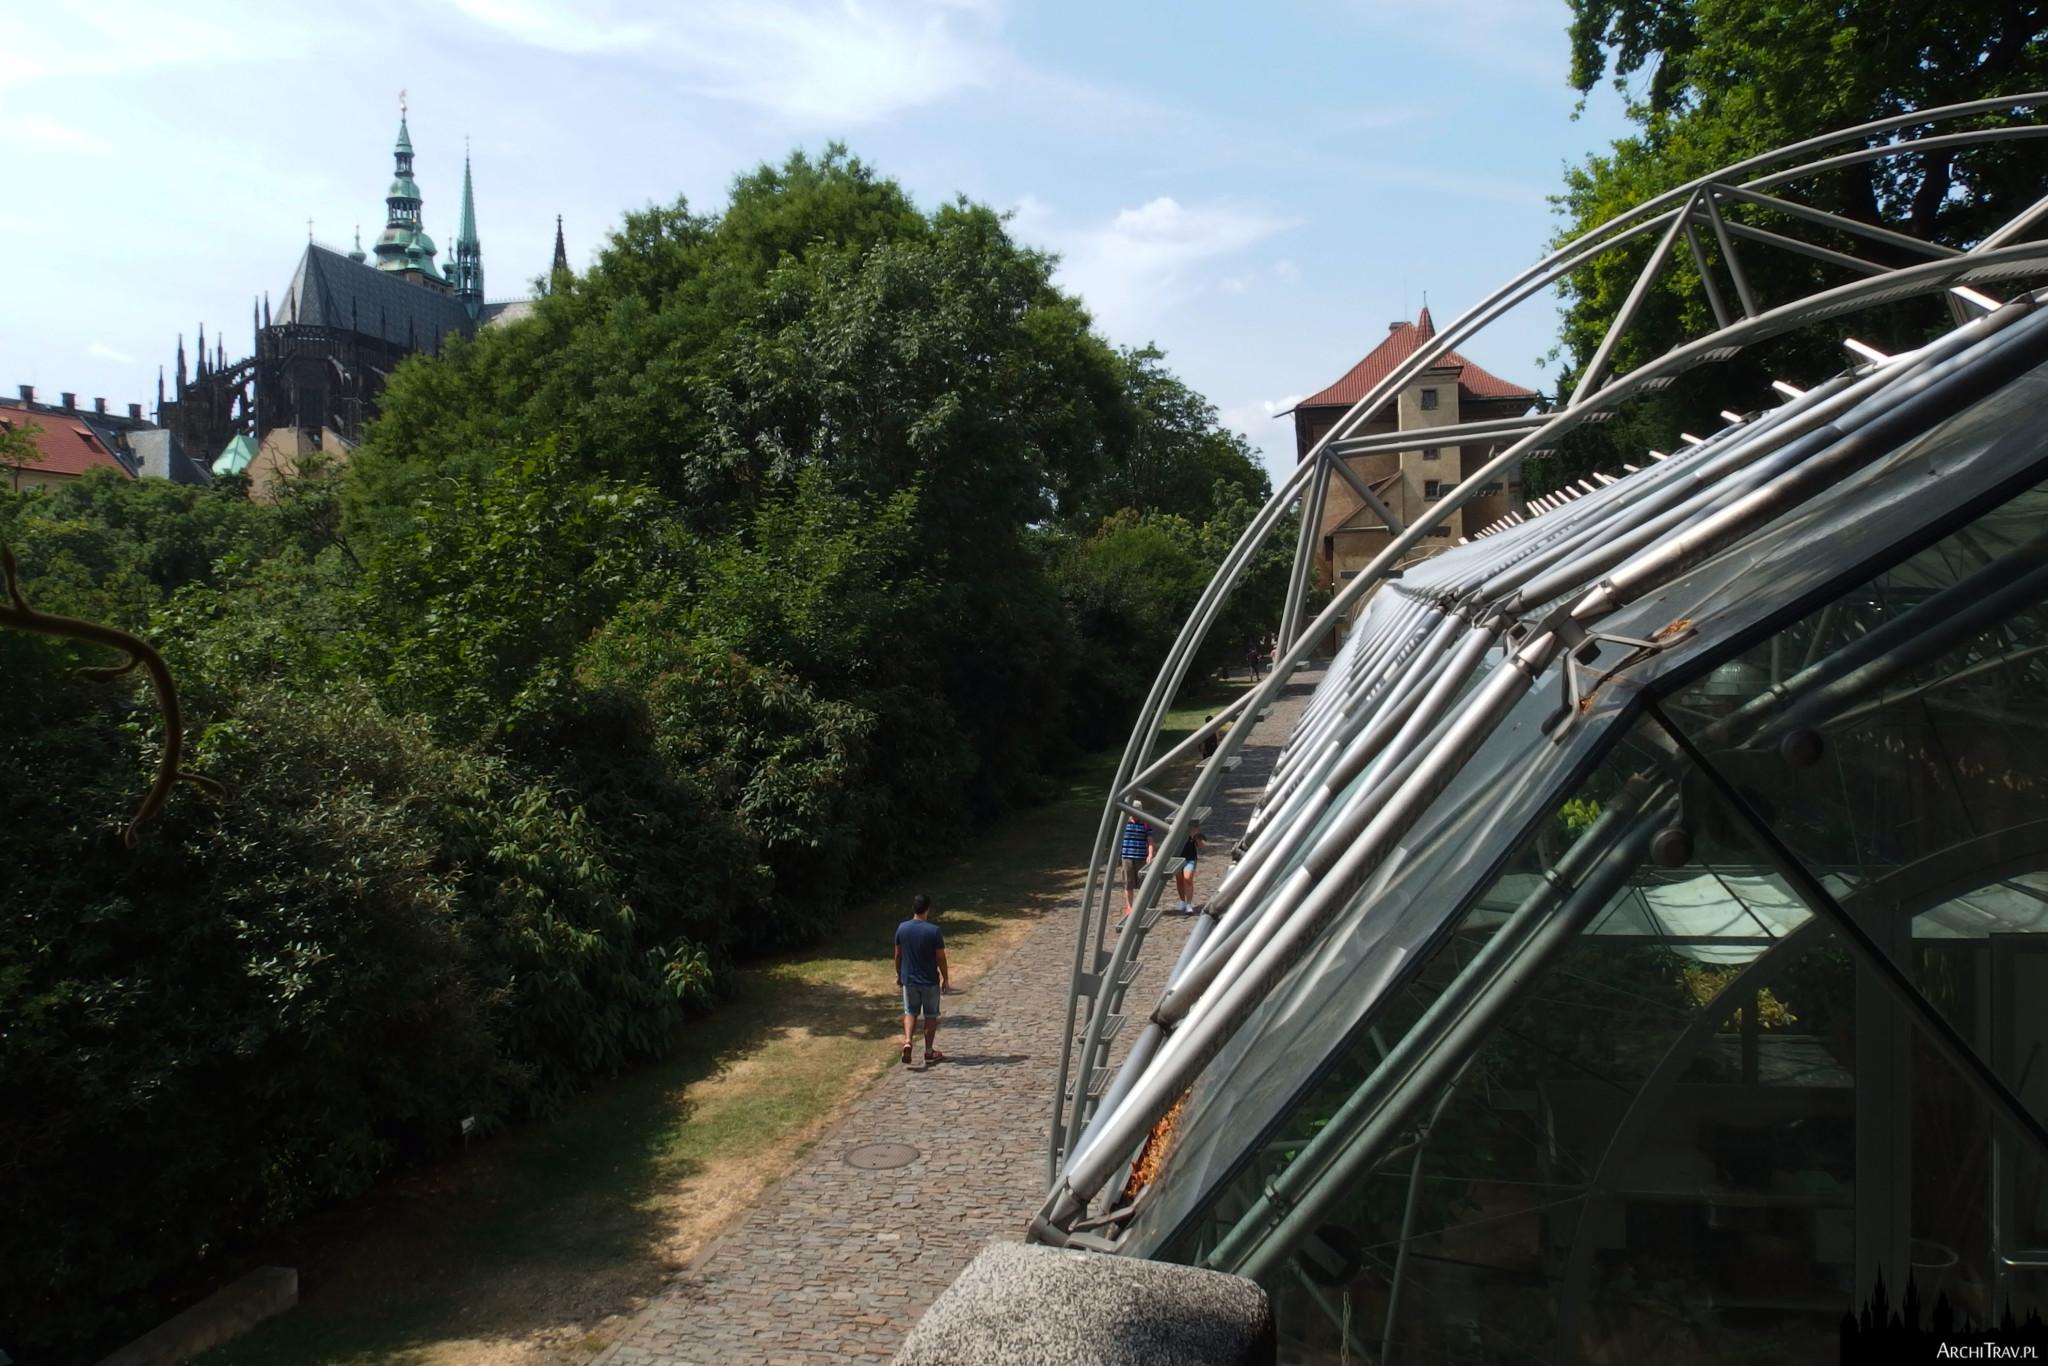 po prawej na pierwszym planie kawałek Oranżerii (Ogrody Królewskie w Pradze), nowoczesnego budynku ze stalowymi i szklanymi elementami, w dole ścieżka, obok niej bujna zieleń, w oddali strzelista sylweta katedry św. Wita